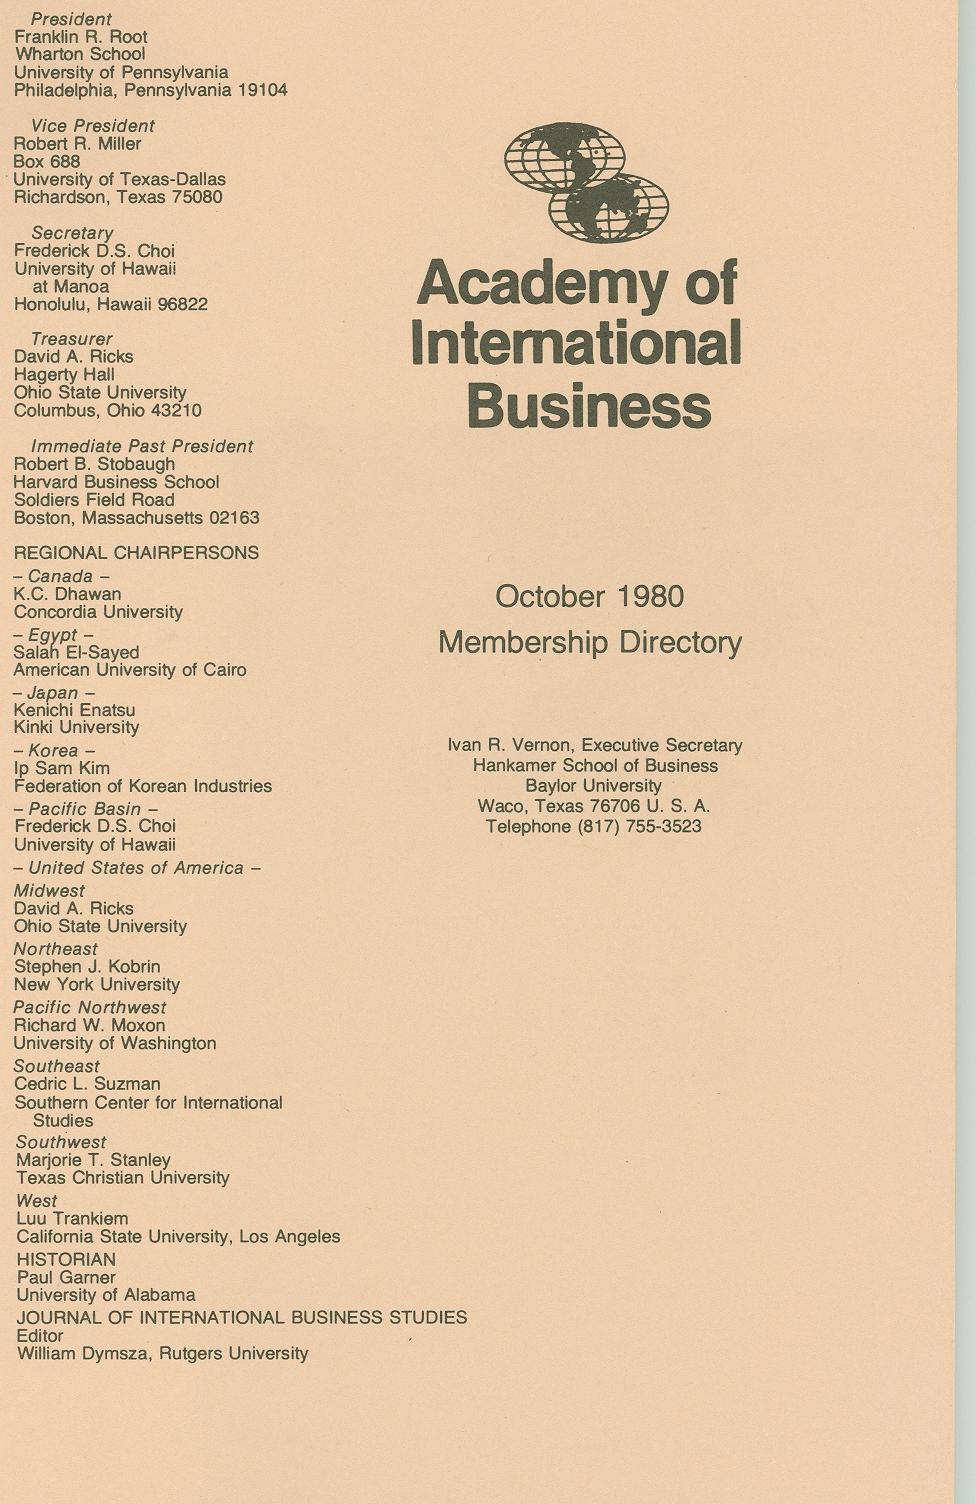 1980 AIB Member Directory